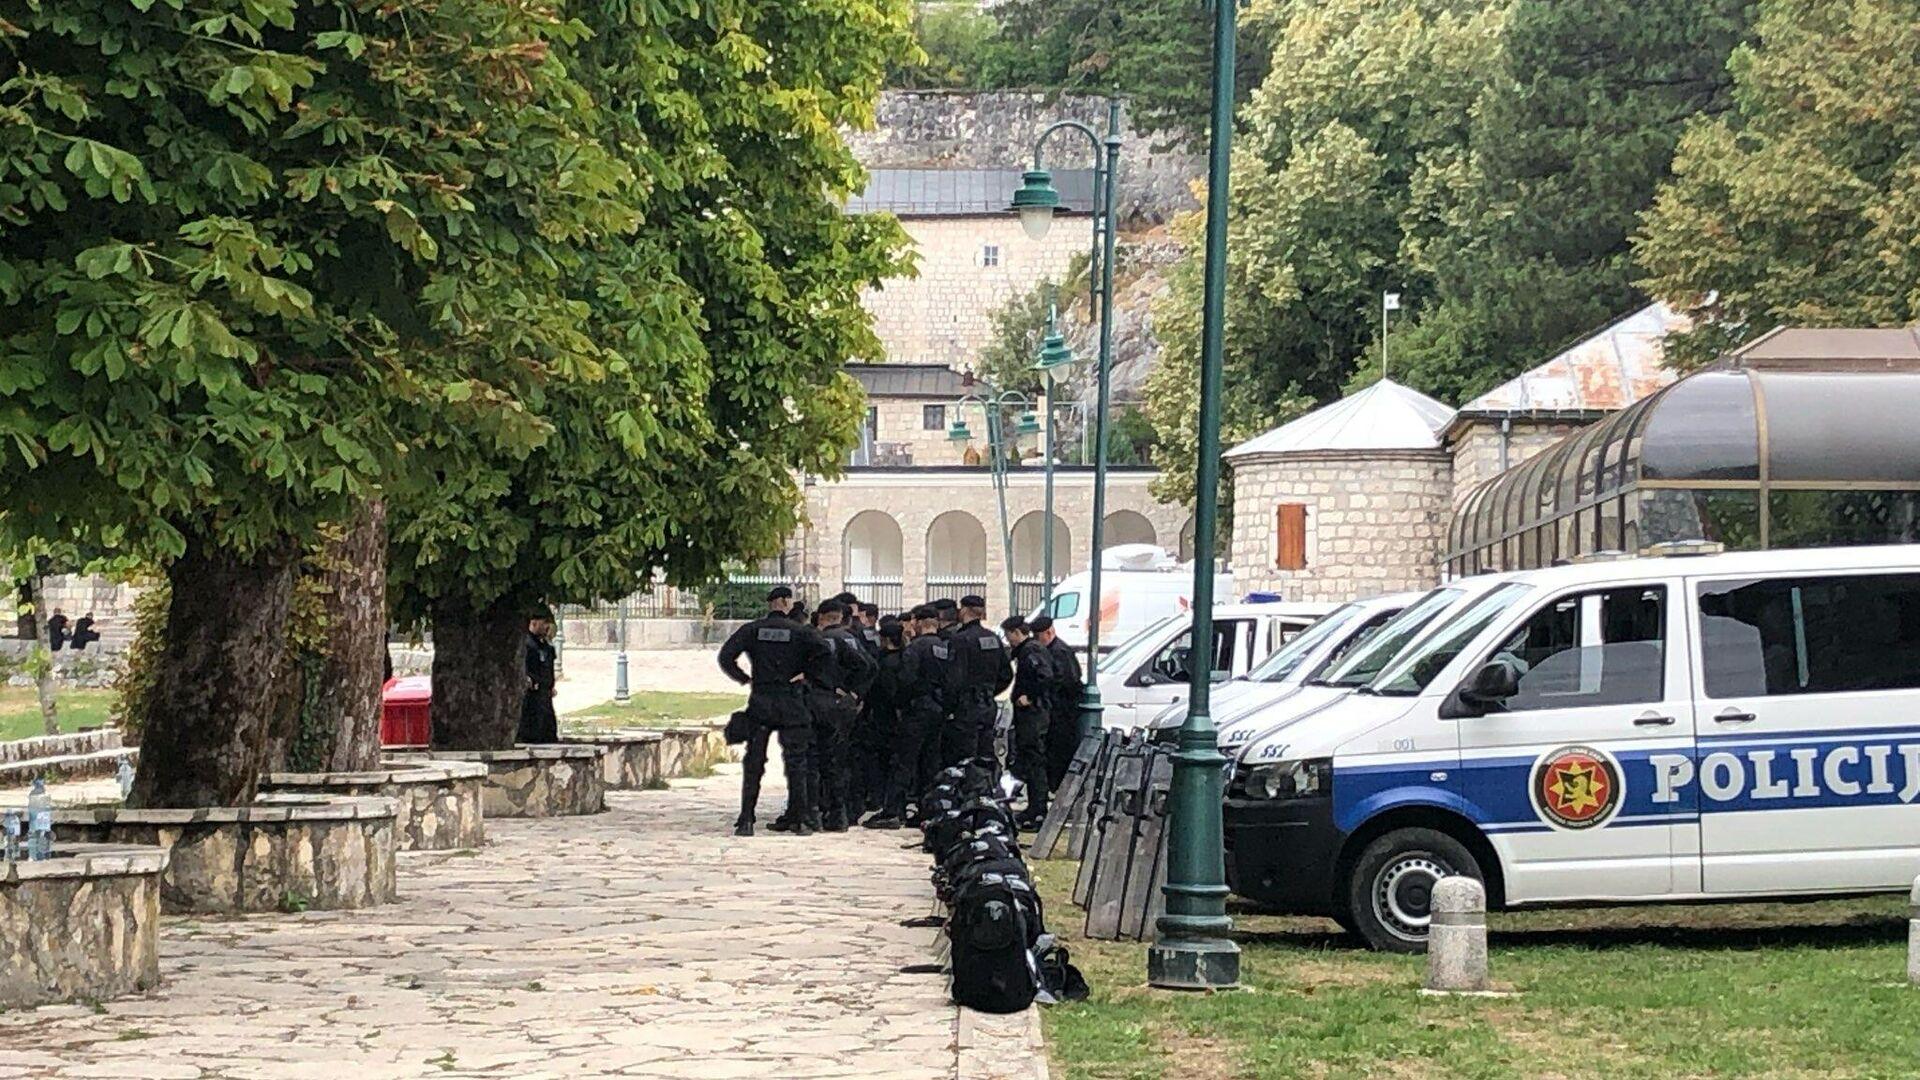 Područje oko cetinjskog manastira nakon što je ceremonija ustoličenja mitropolita Joanikija završena - Sputnik Srbija, 1920, 11.09.2021